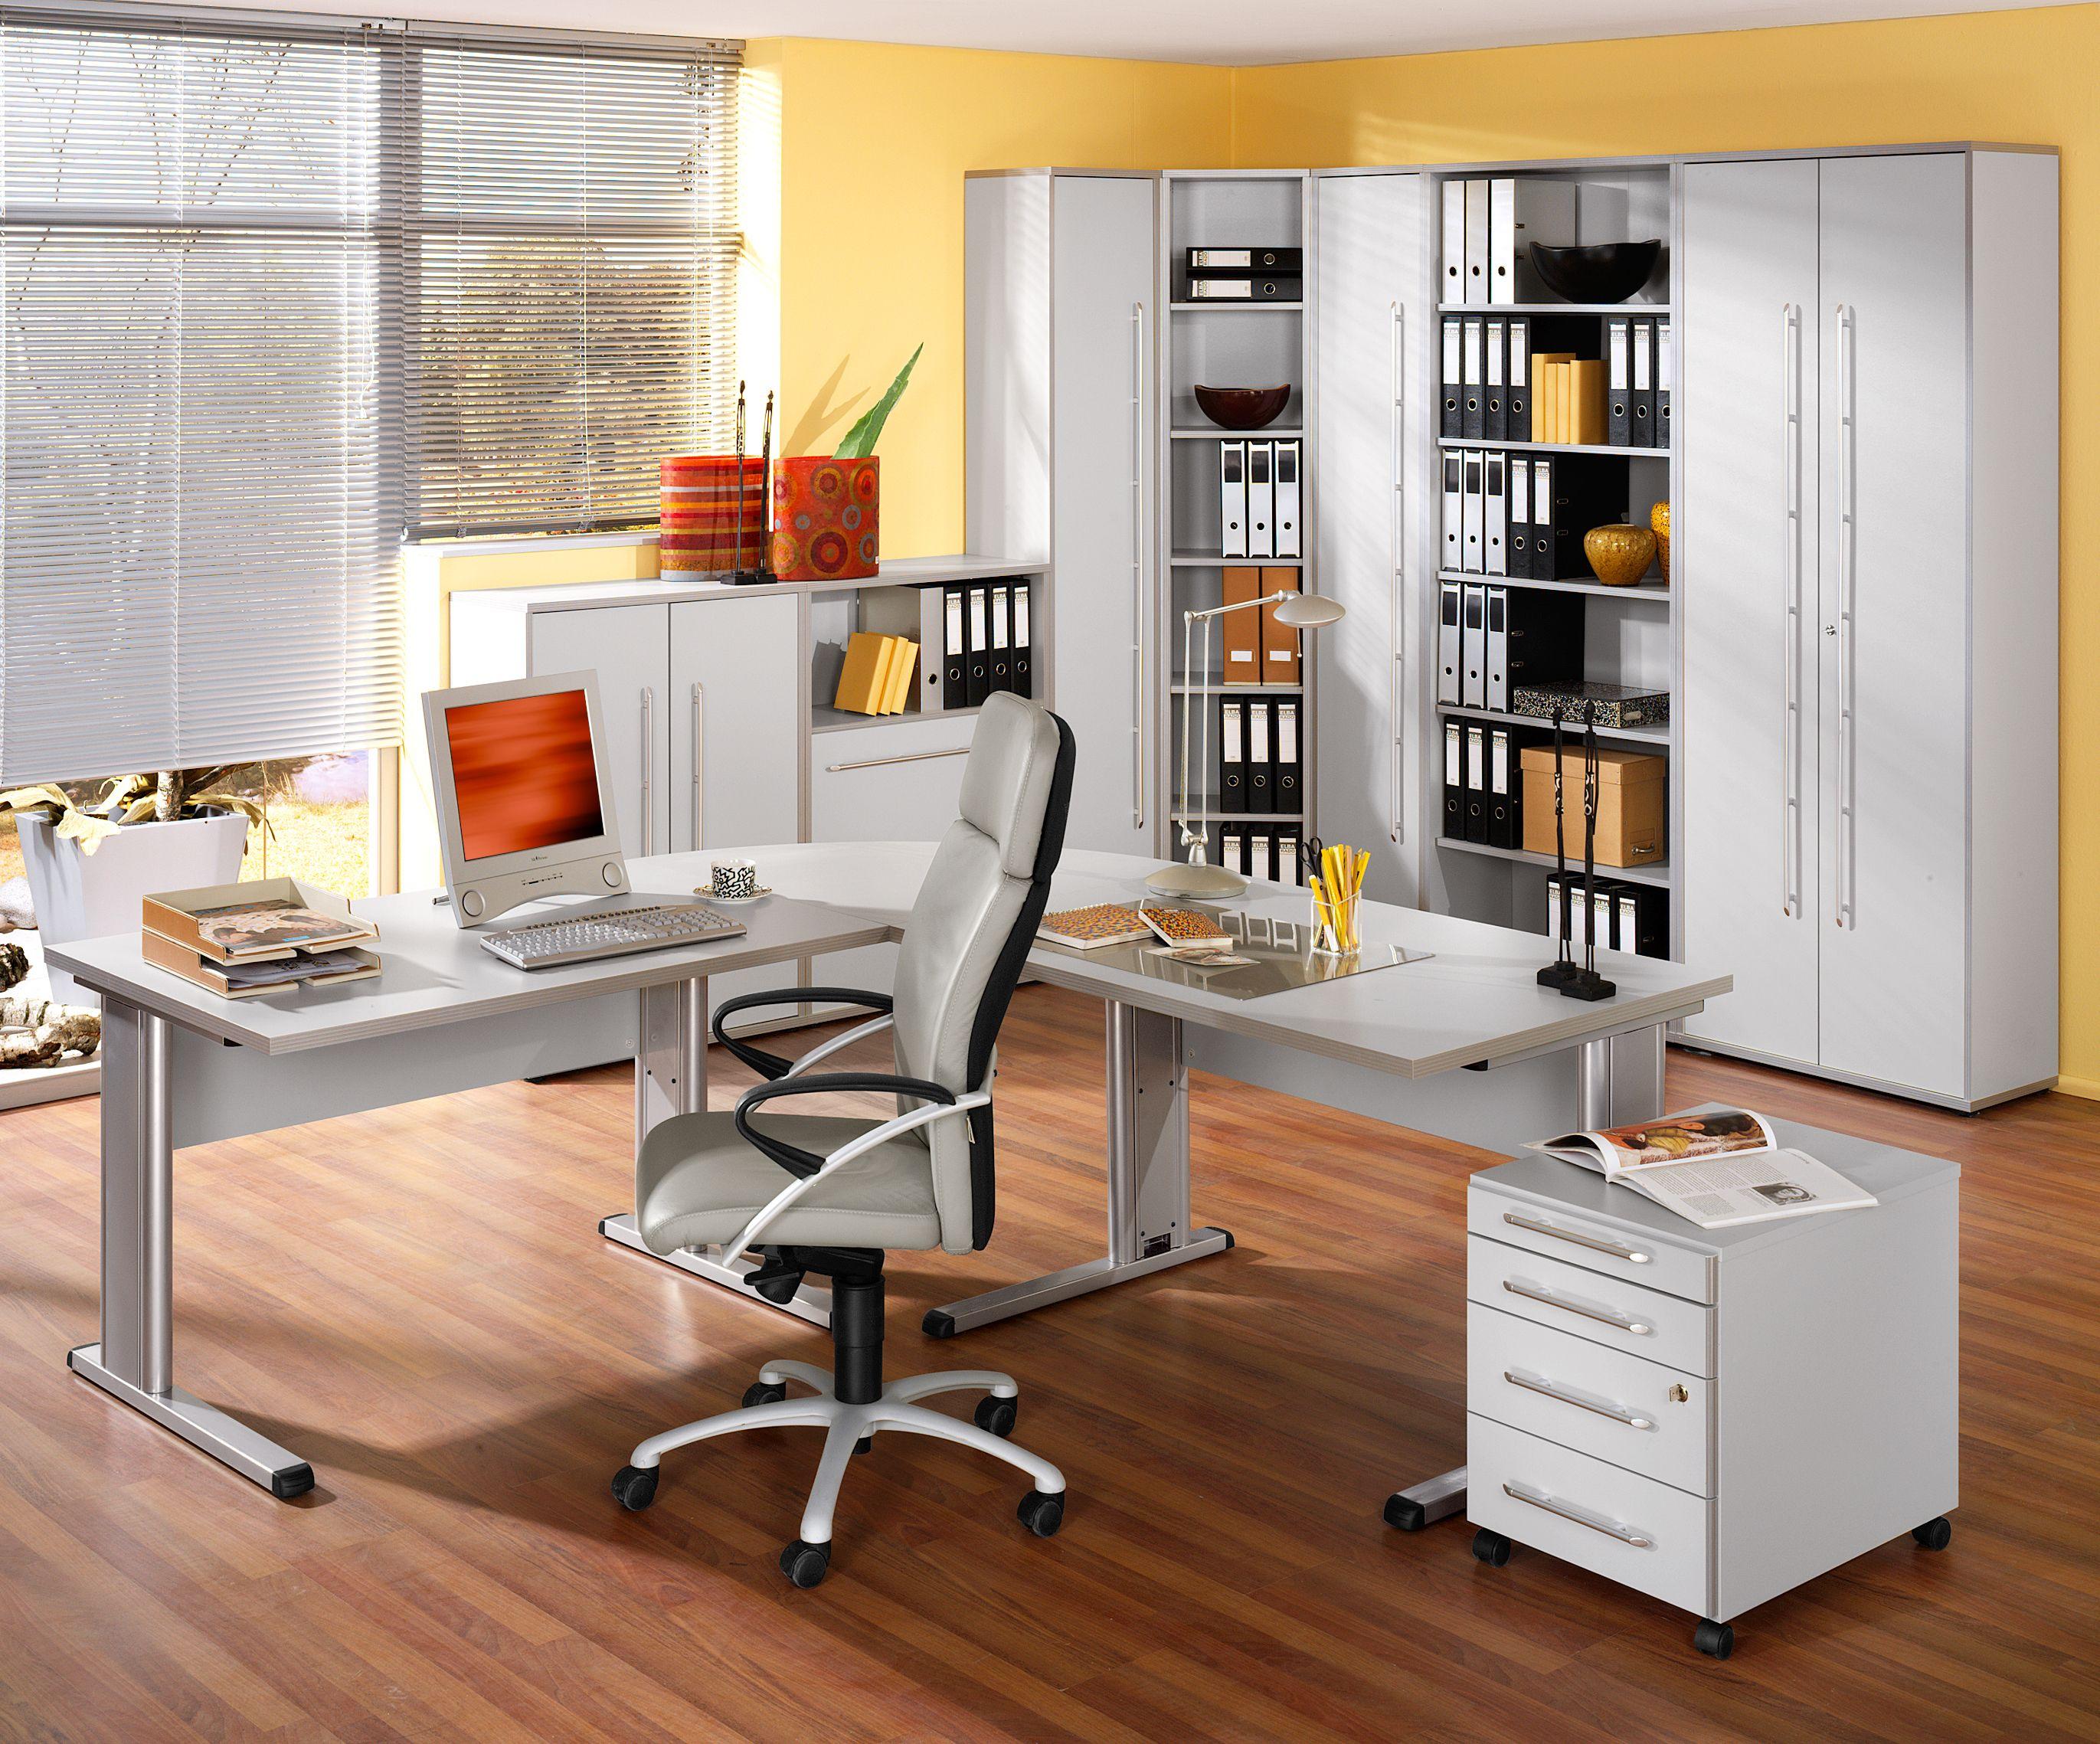 Büromöbel MOXXO Office-Grau von Schäfer Shop | Büromöbel MOXXO von ...